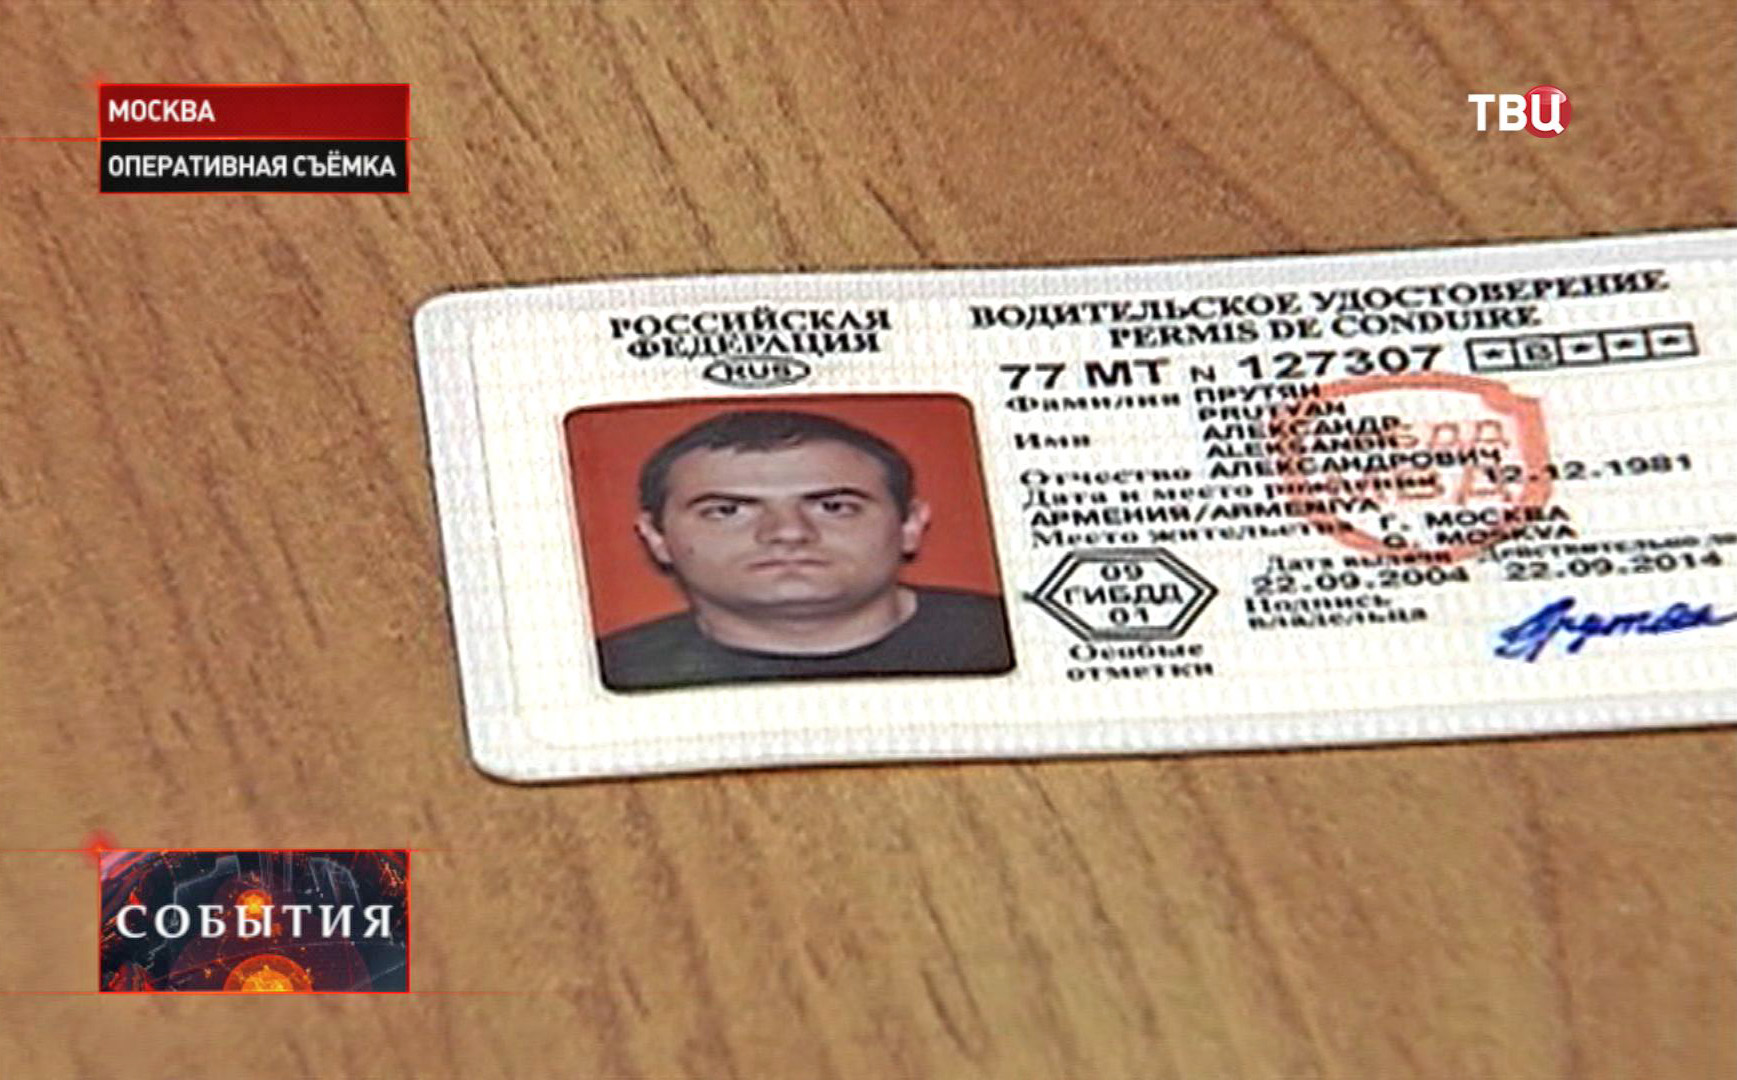 Водительское удостоверение Александра Прутяна сбившего пенсионера